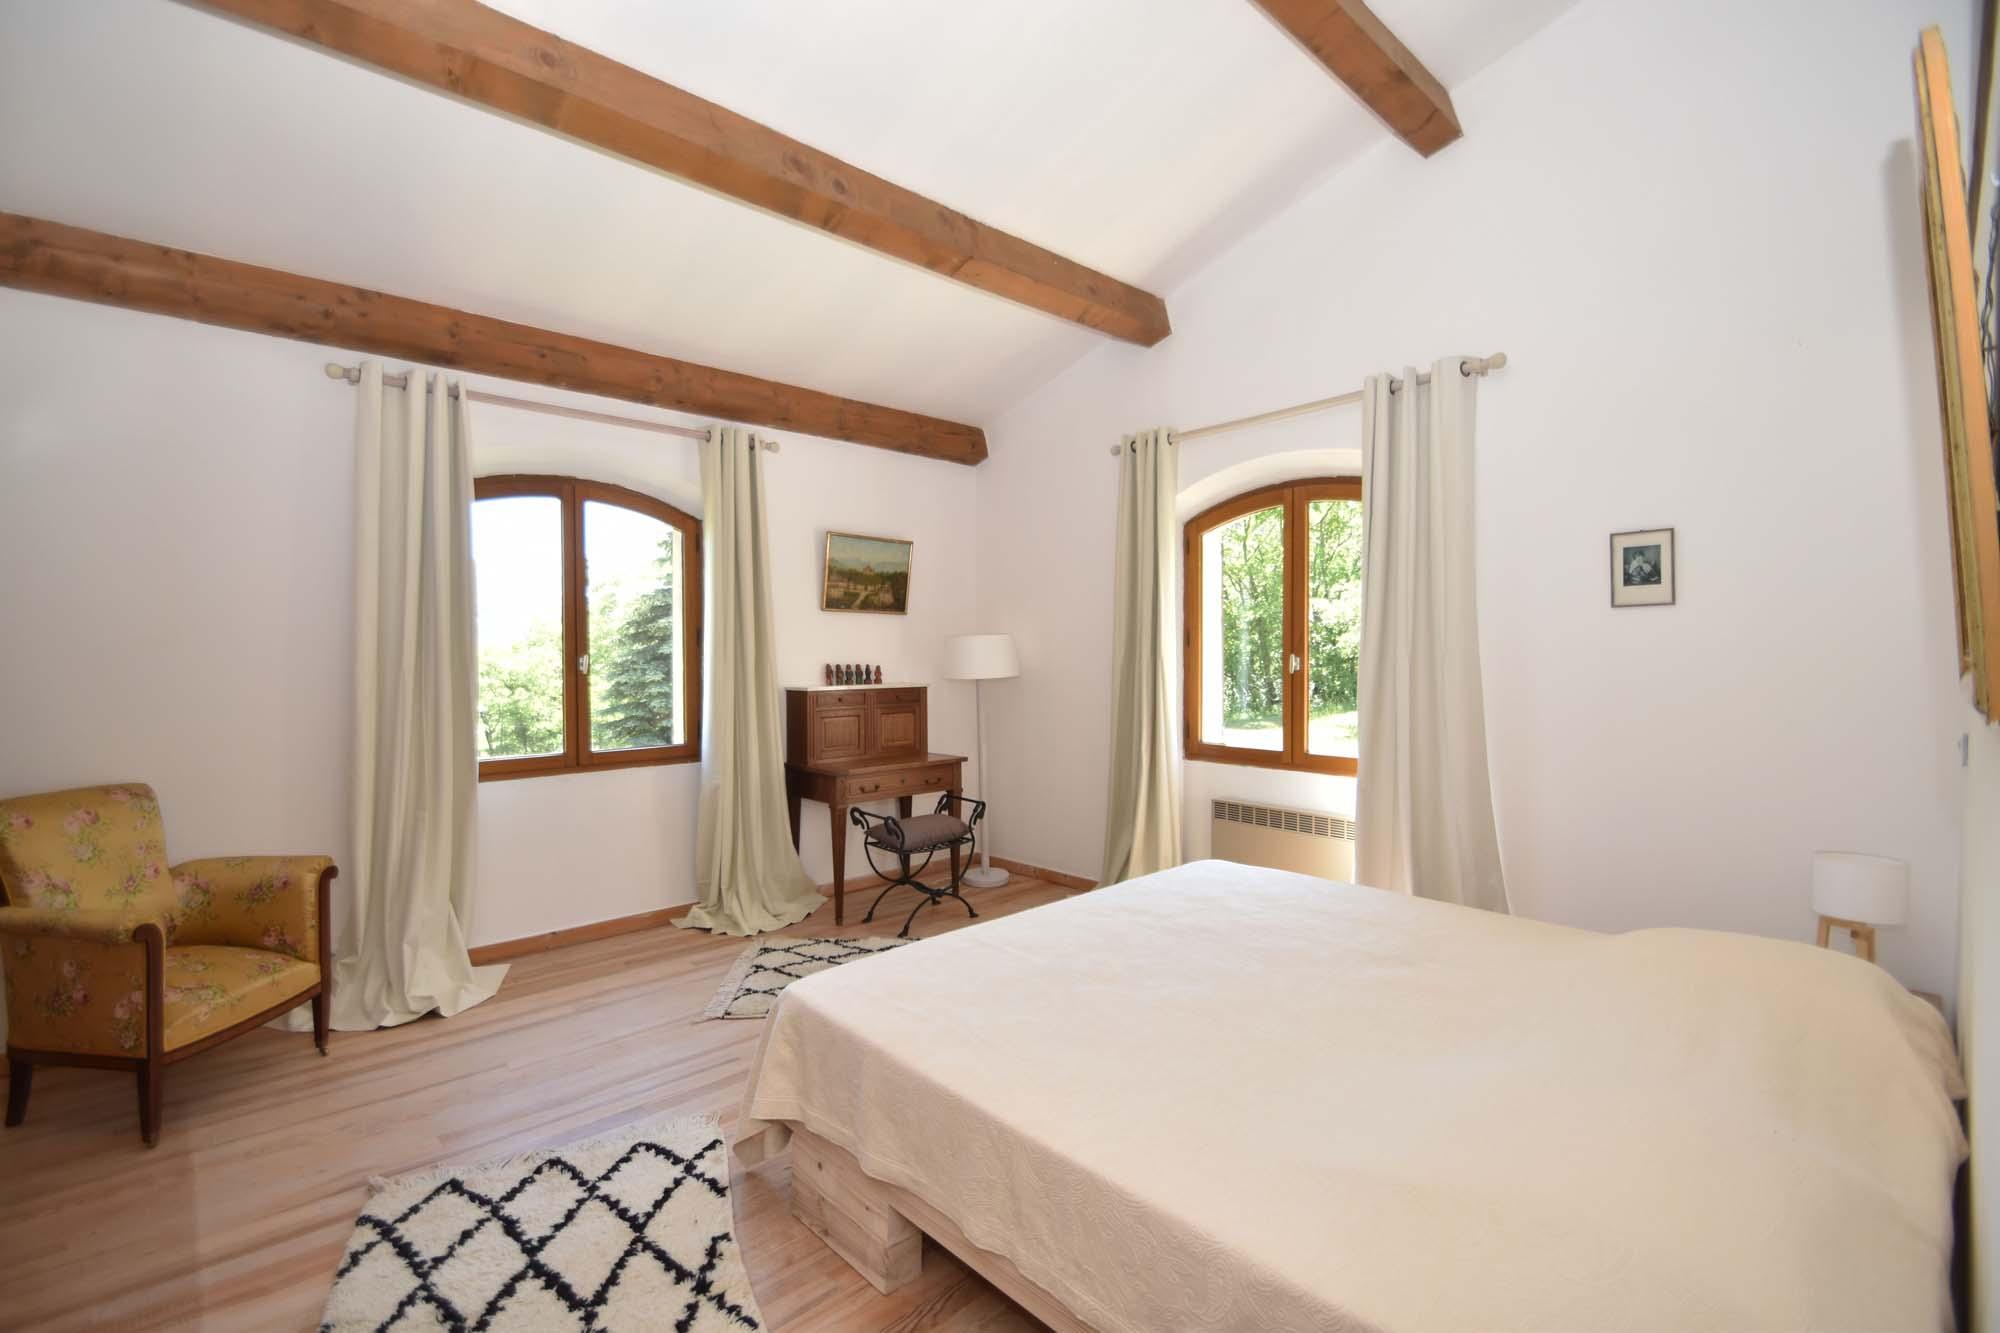 Vakantiehuis in provence côte d'azur in soyans (frankrijk)